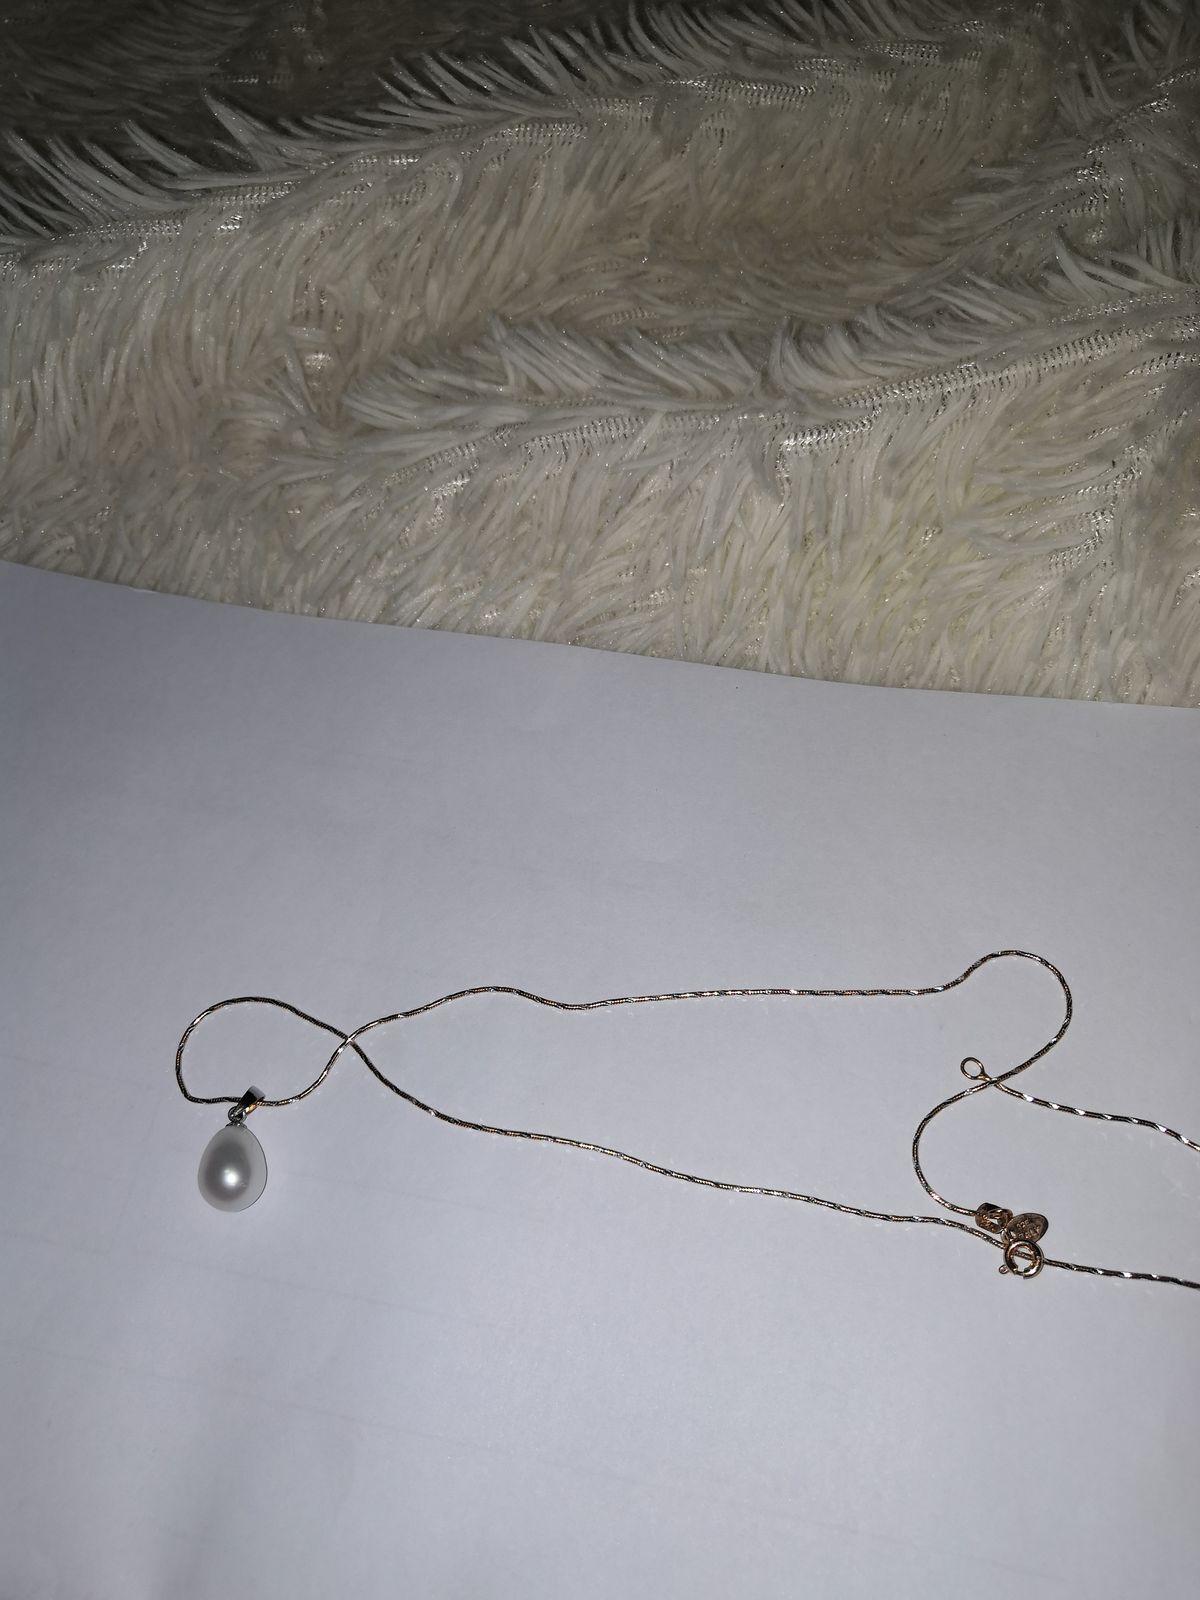 Миленькая цепочка для какой-нибудь маленькой подвески